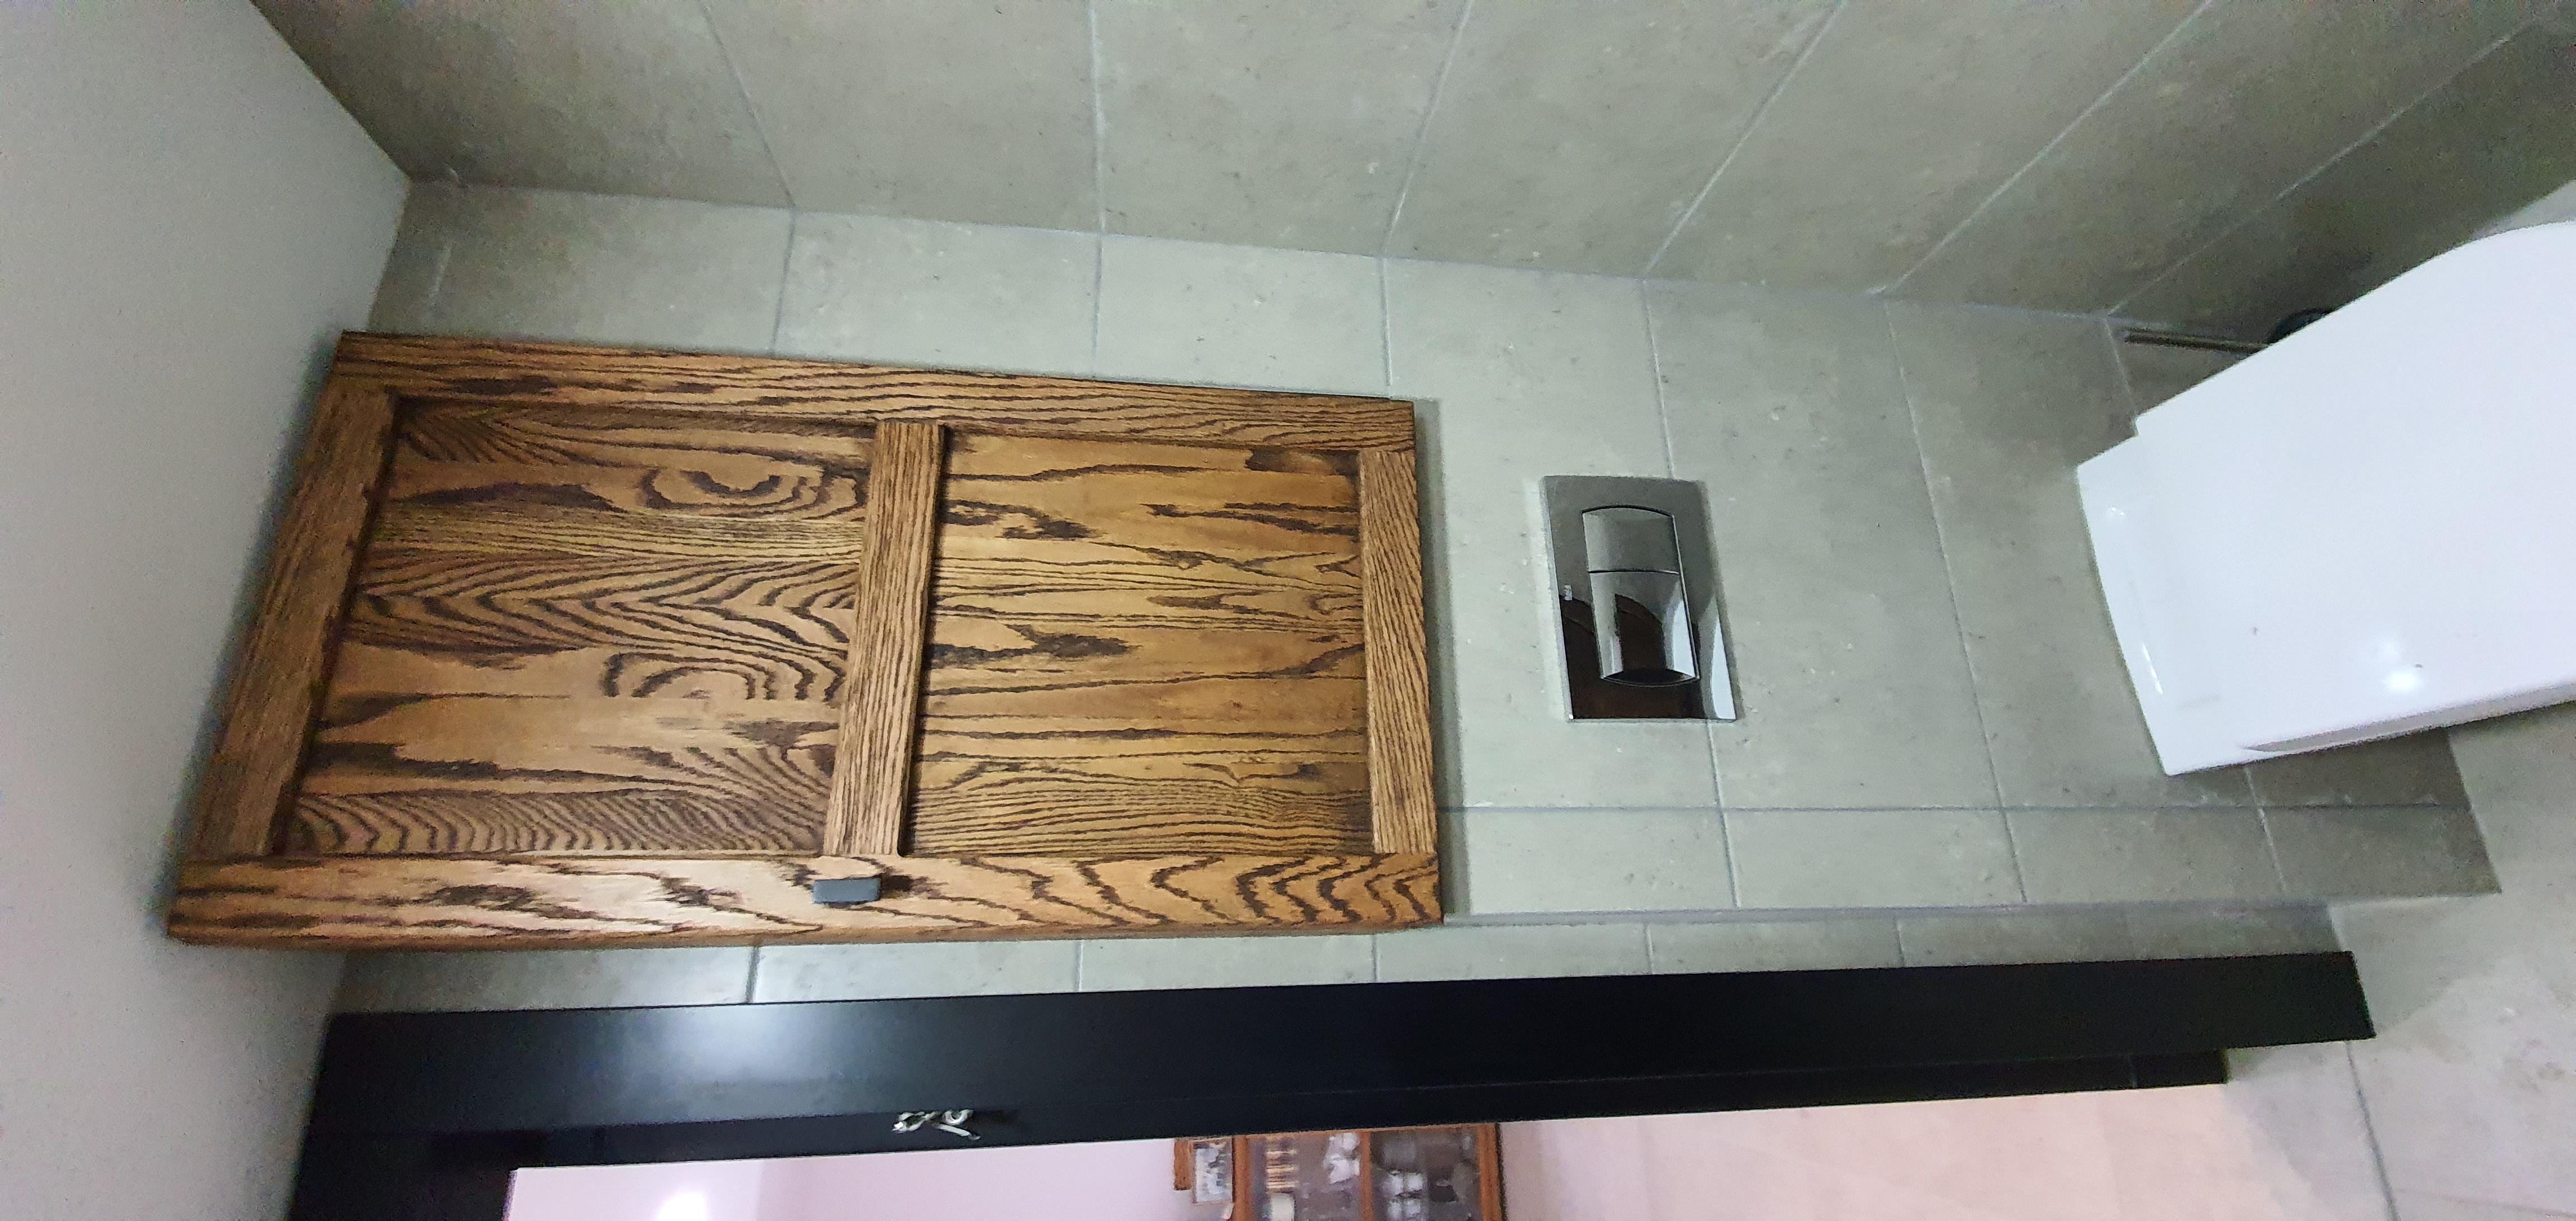 ארונית עץ לאמבטיה